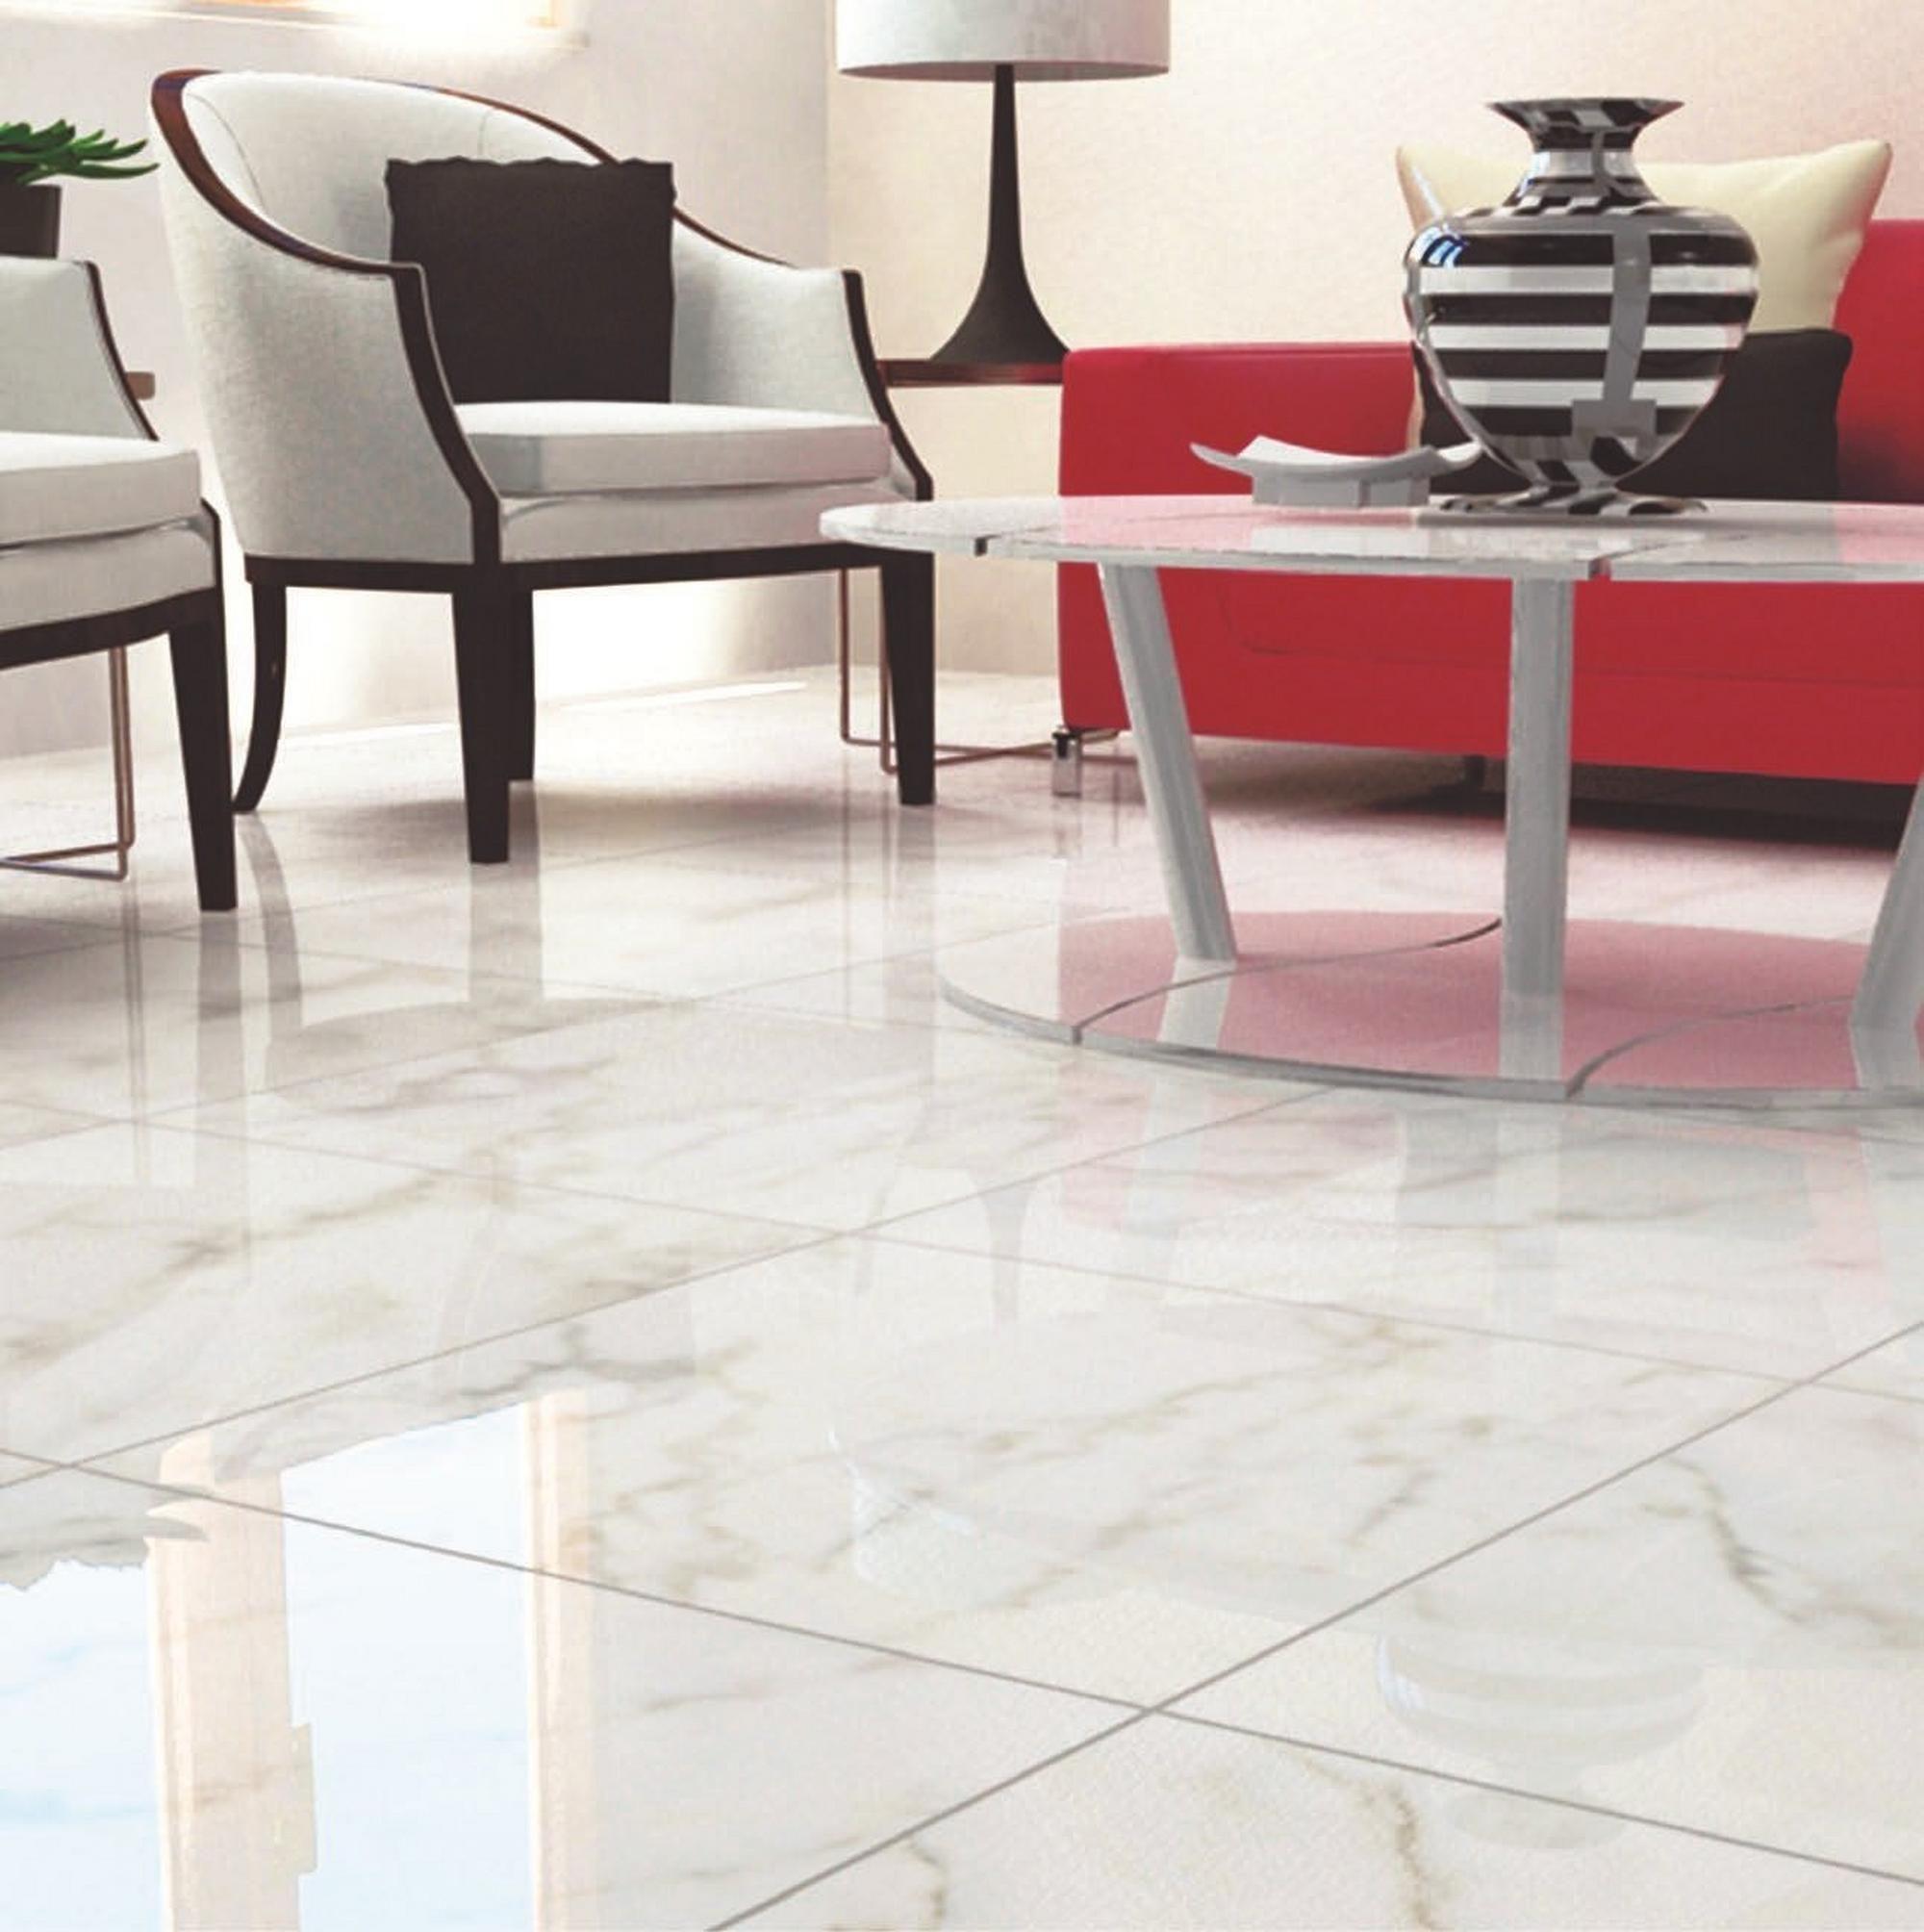 Carrara White High Gloss Ceramic Tile 24 X 24 100128834 Floor And Decor Ceramic Floor Tile Porcelain Tile Floor Living Room Ceramic Floor Tiles